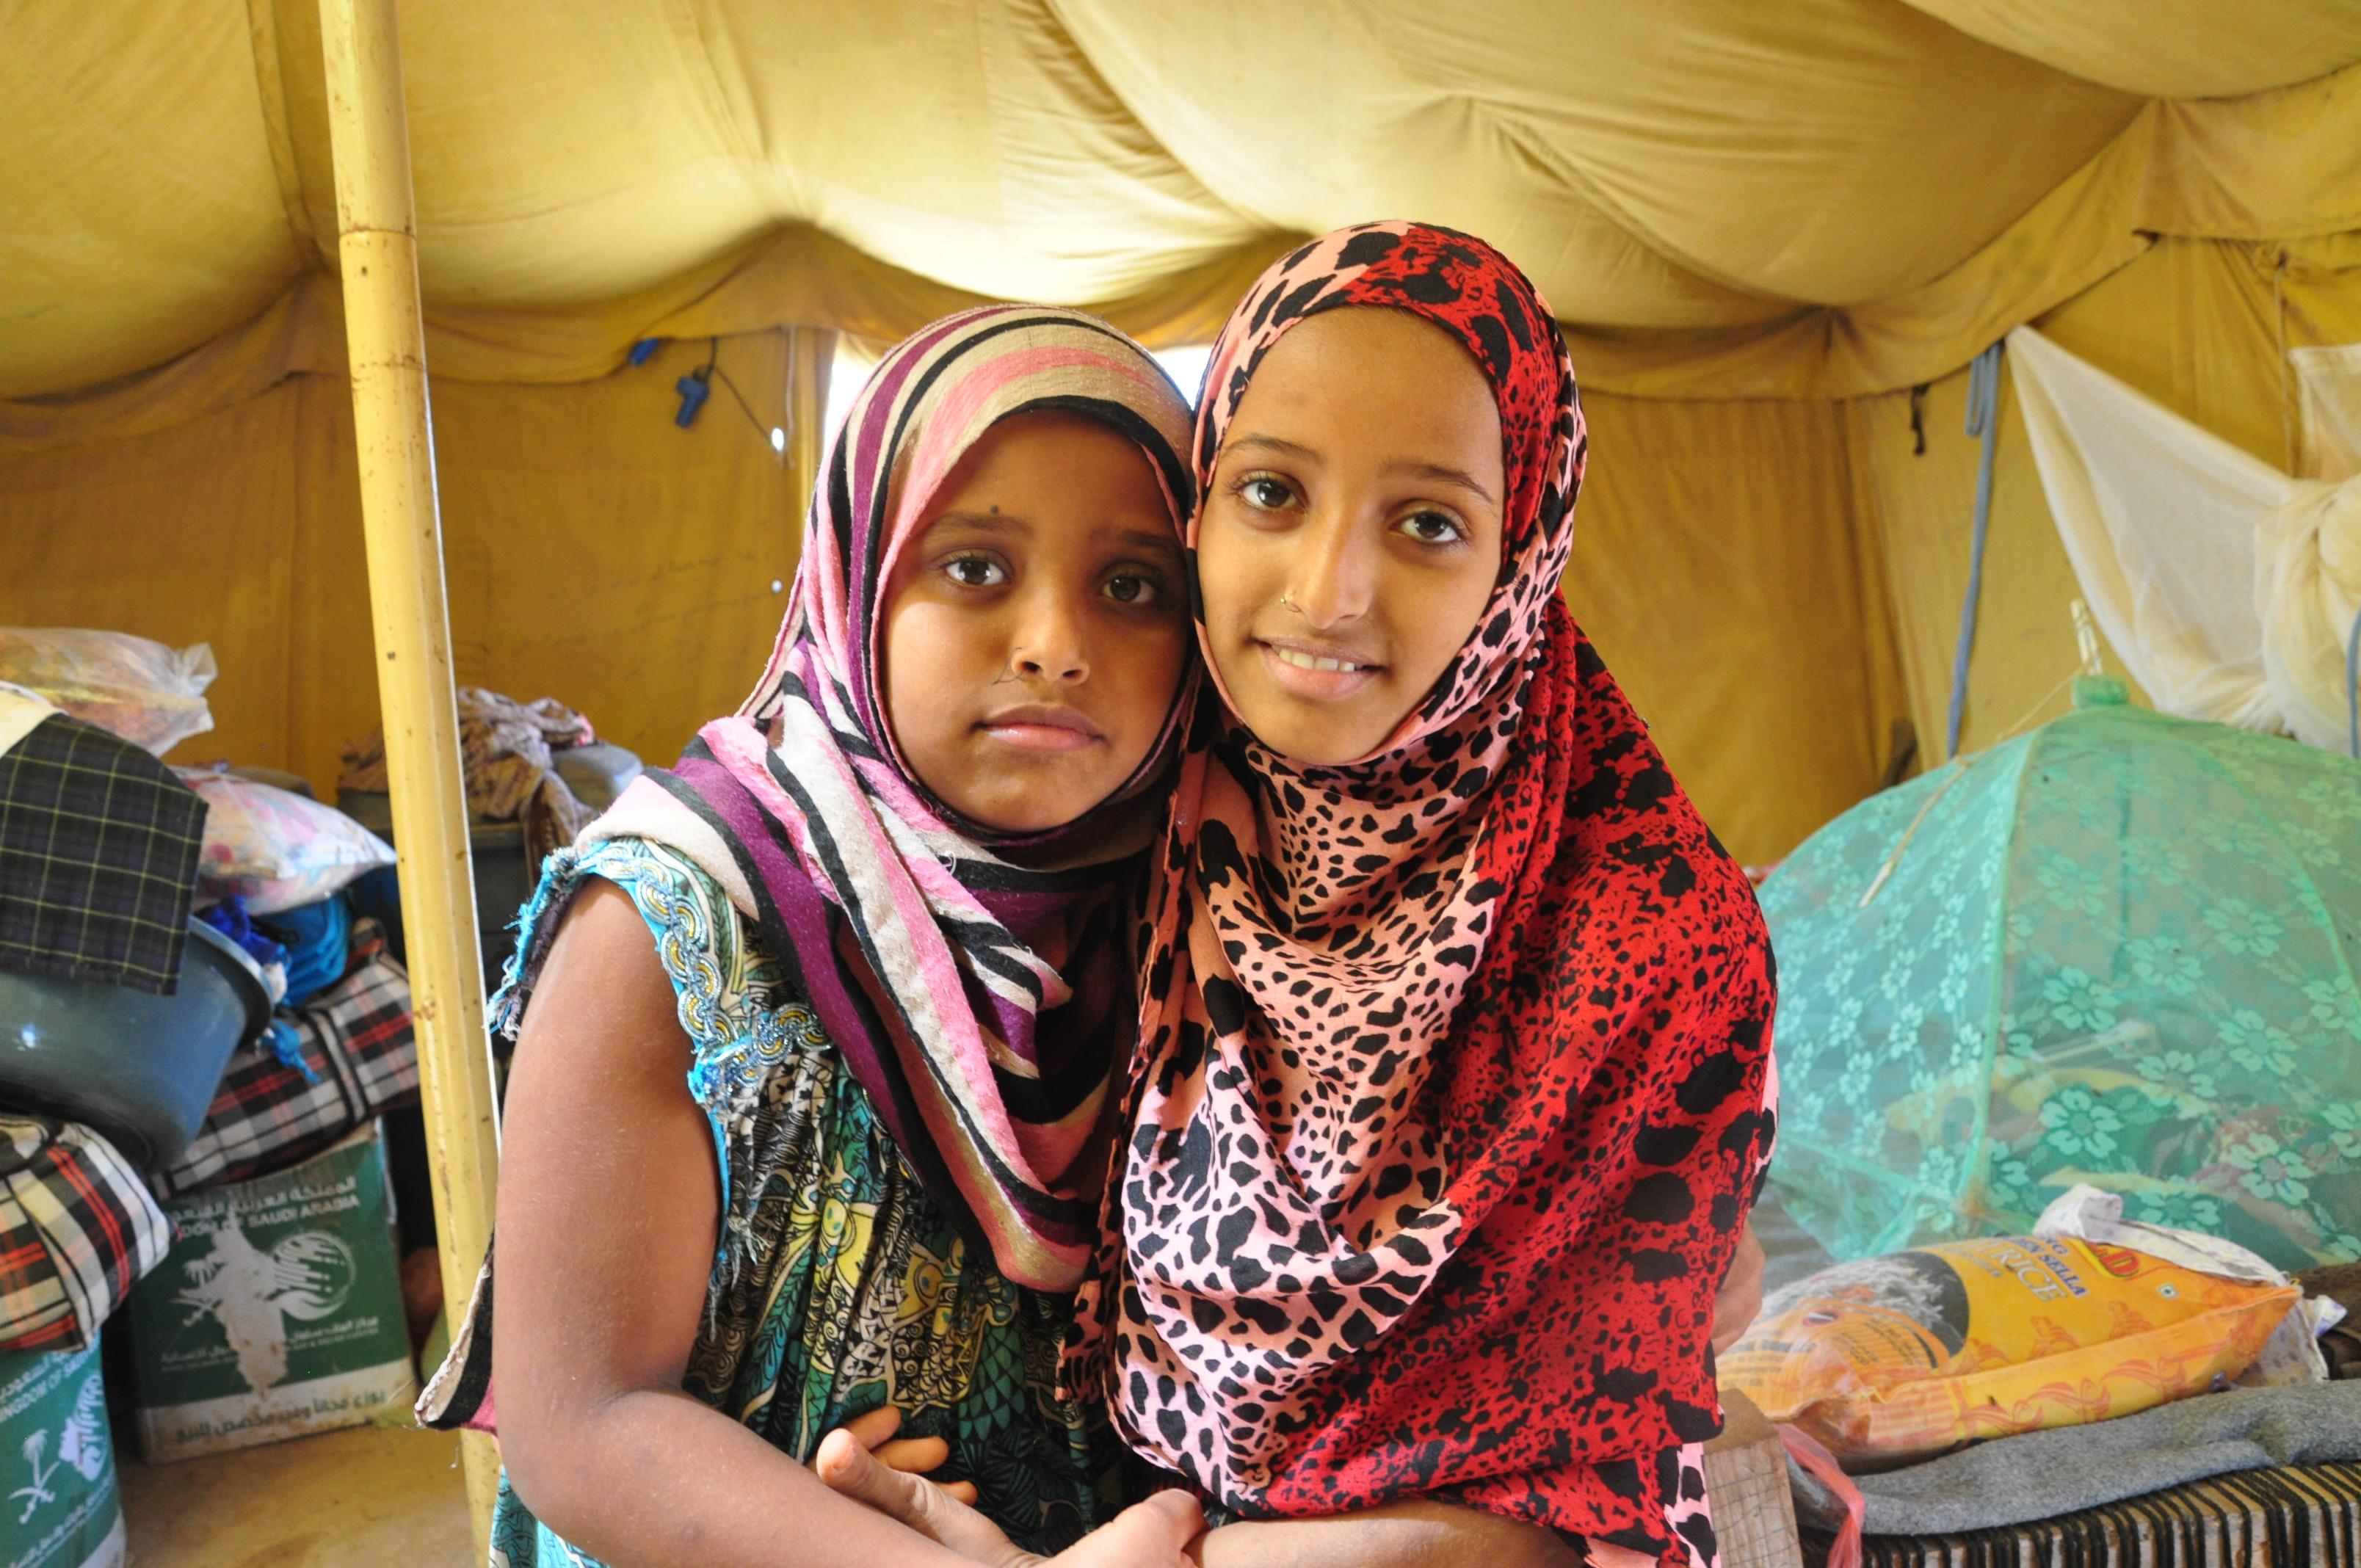 Zbiórka na rzecz ofiar wojny w Jemenie